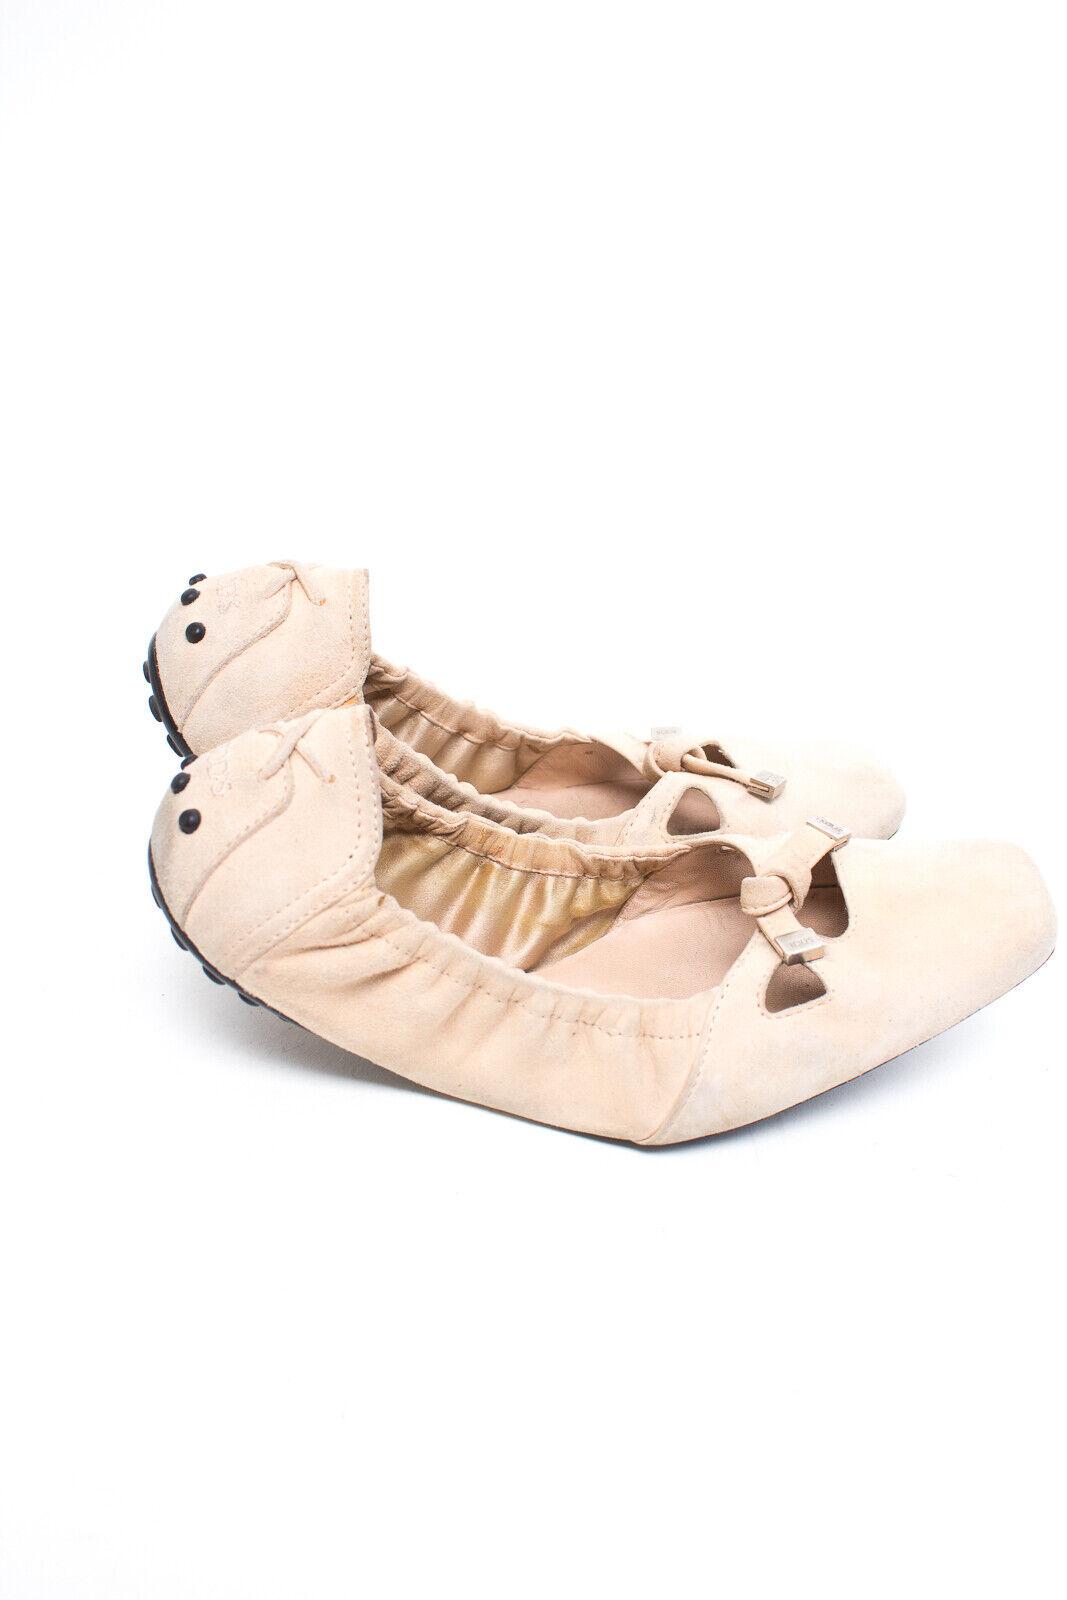 TOD´S Ballerinas Gr. EU 35 Damen Schuhe Halbschuhe schuhe Flats Leder